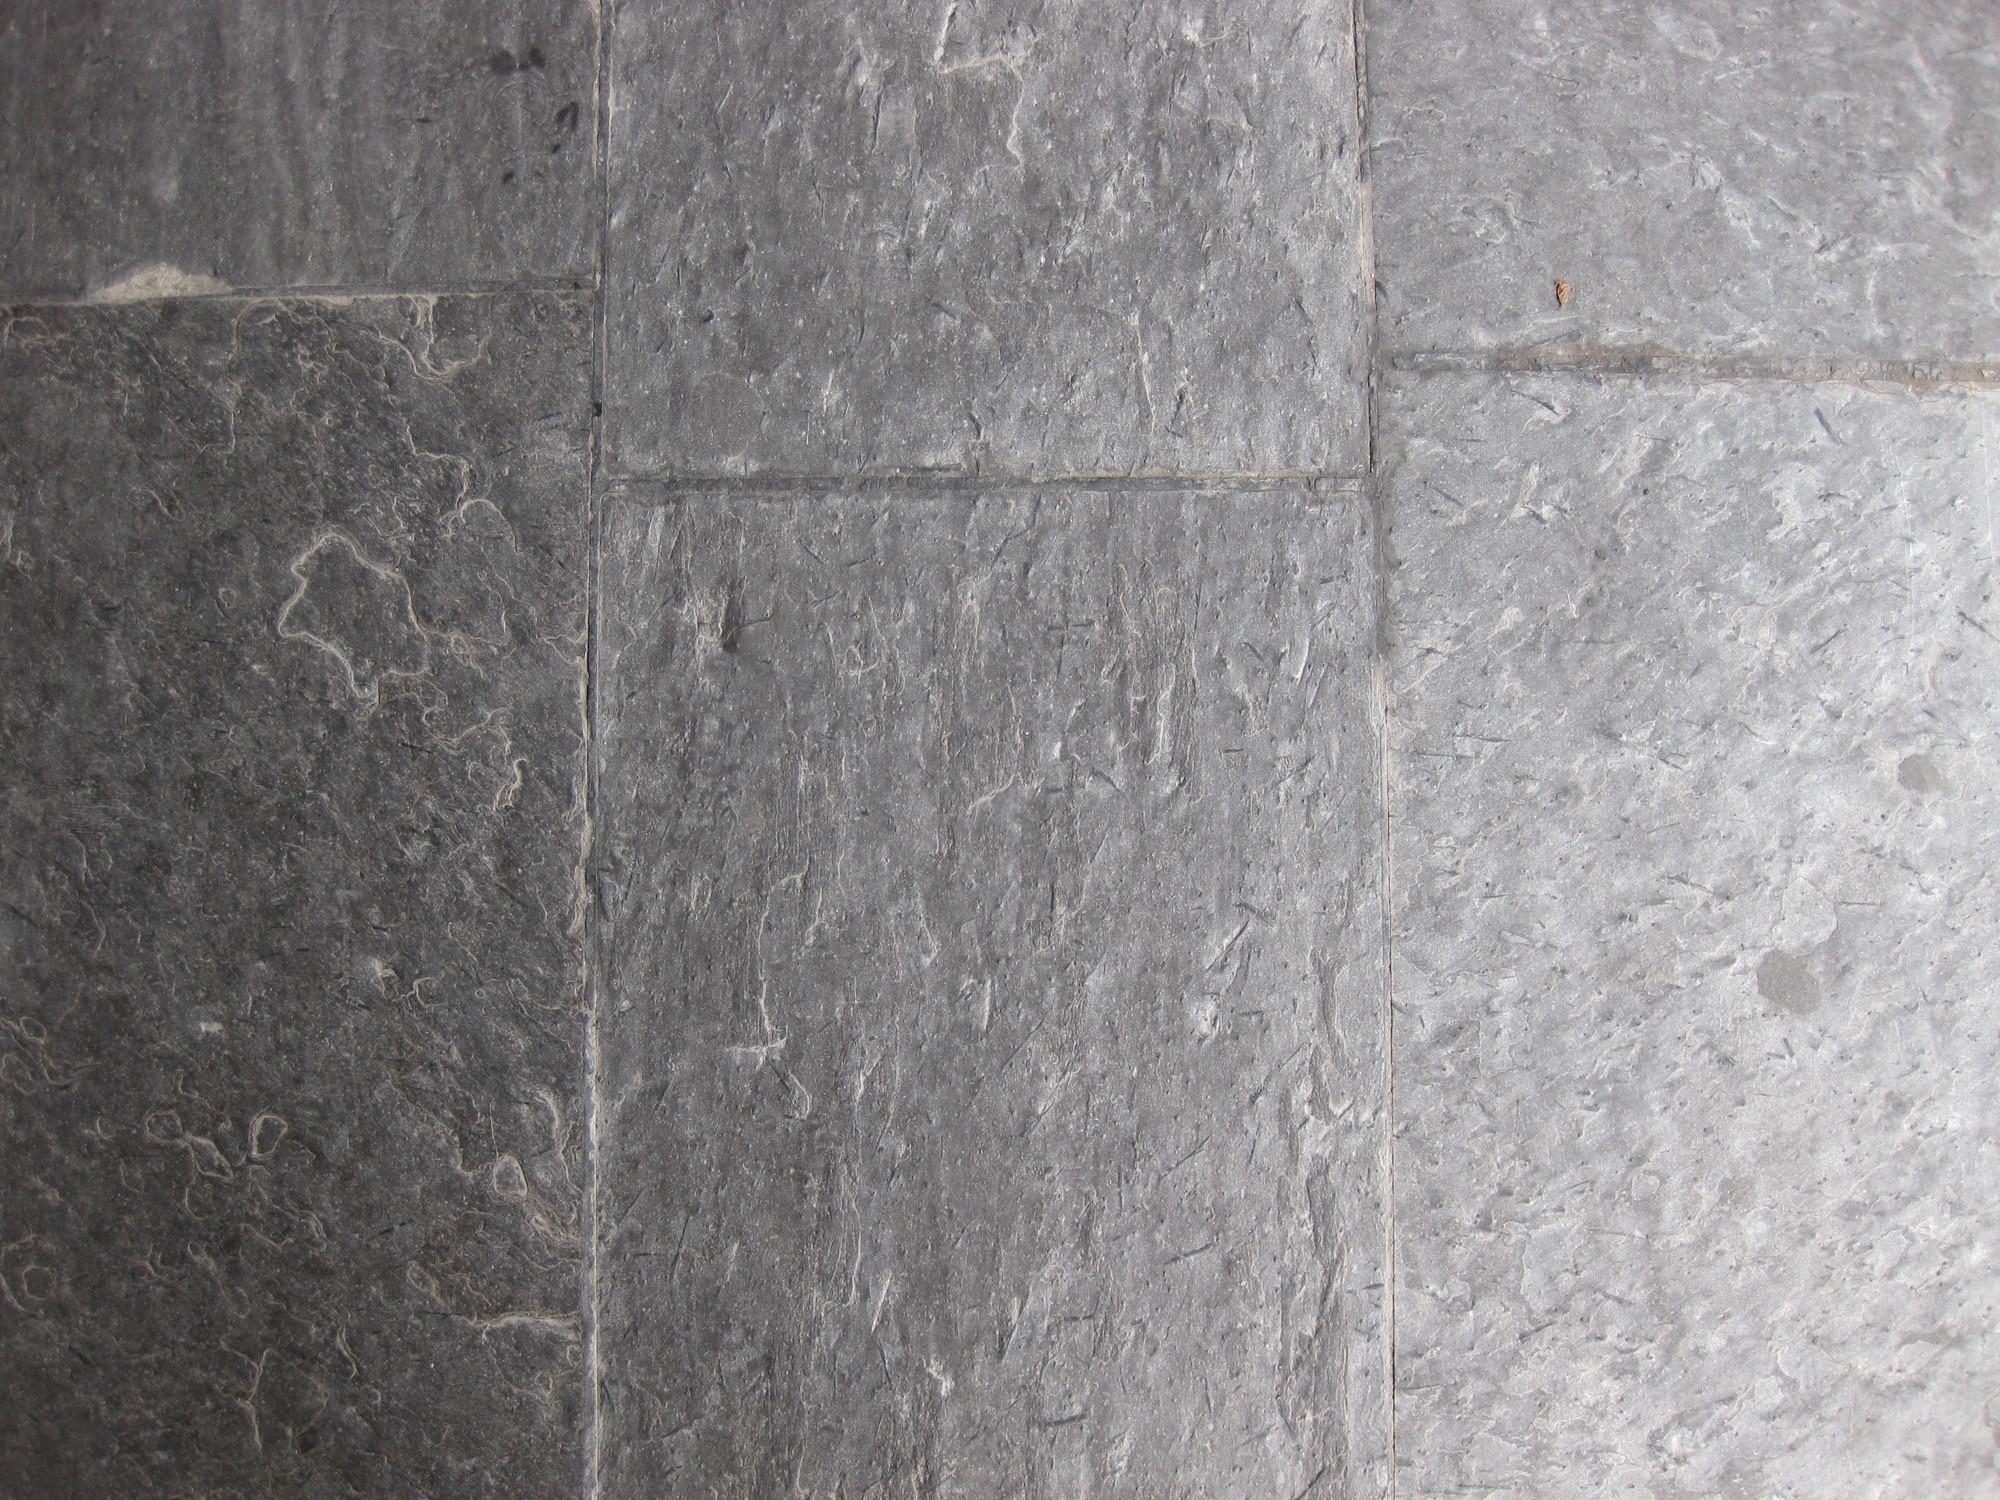 Historischer Schieferboden Auf Einem Bahnsteig In Oslo